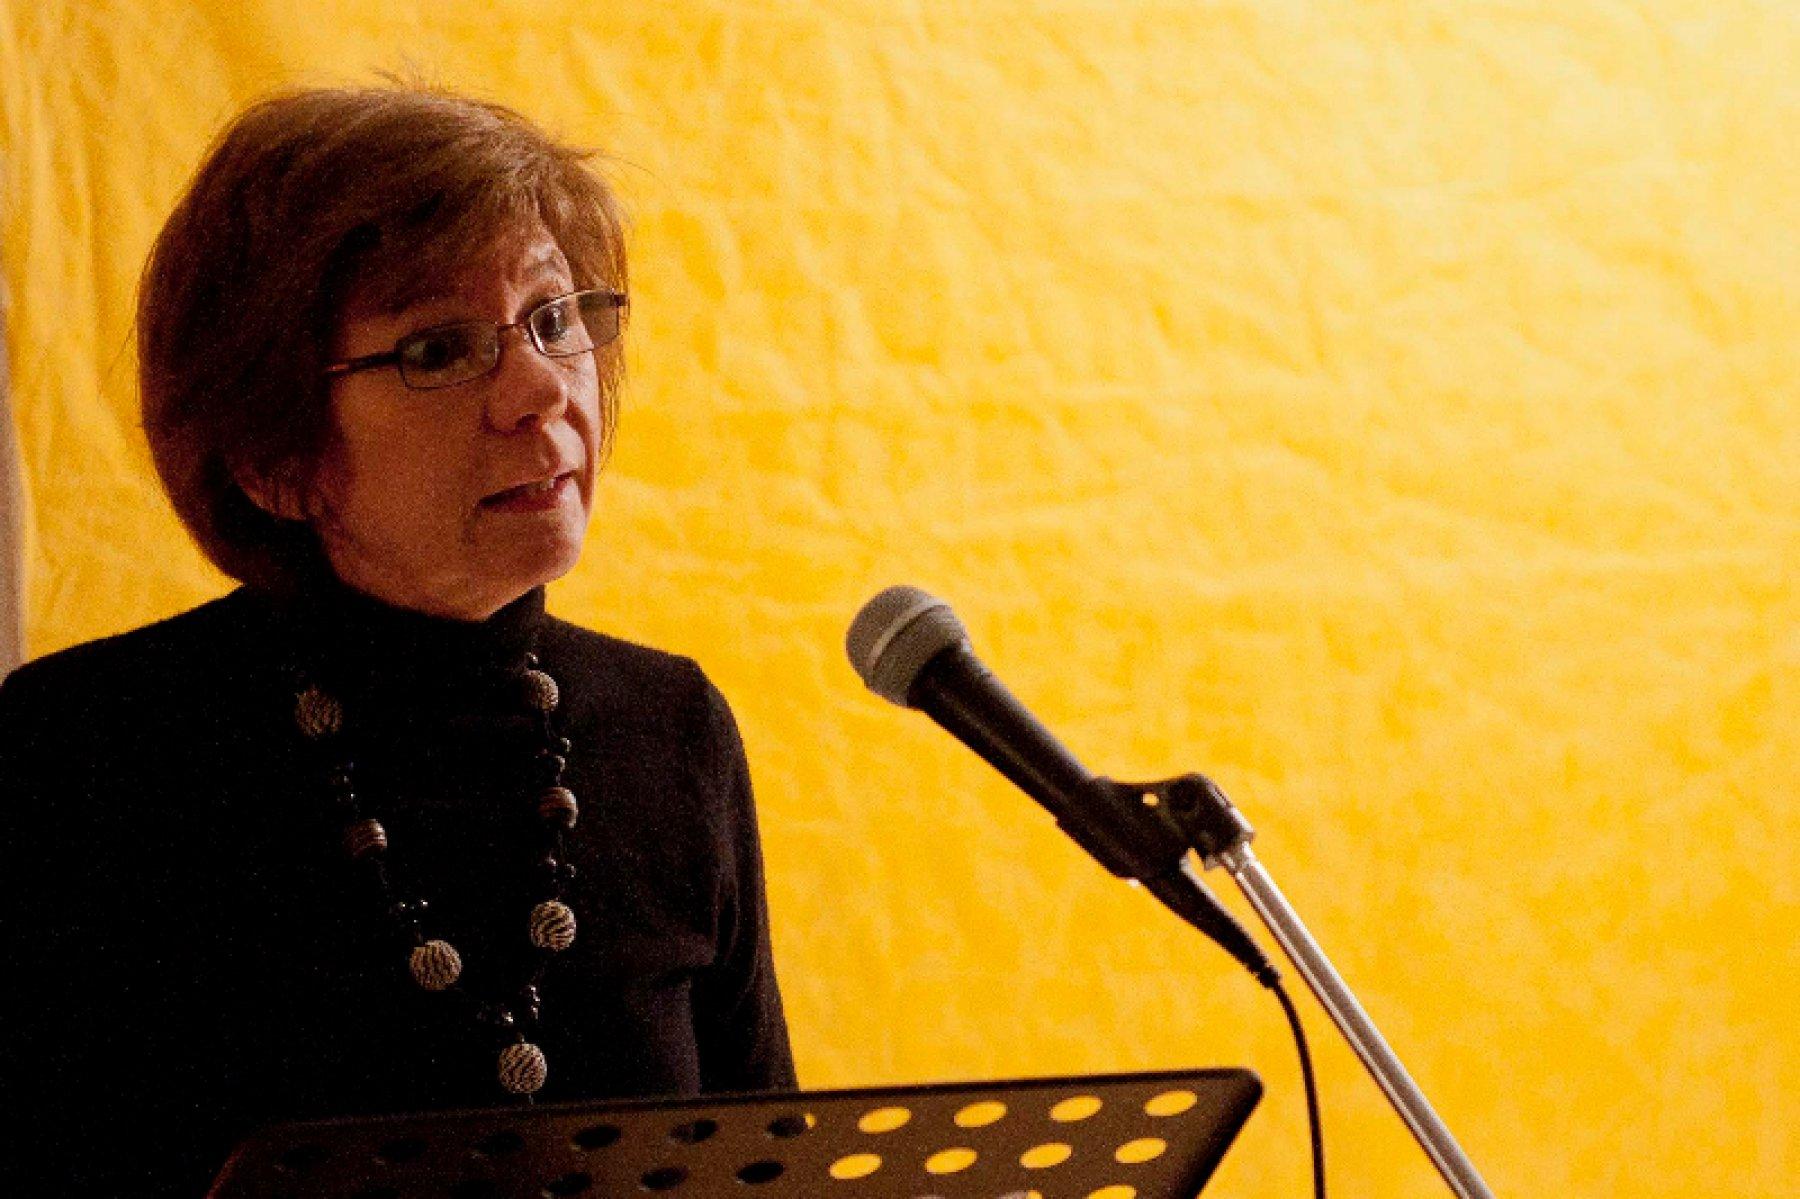 Francesca Garioni